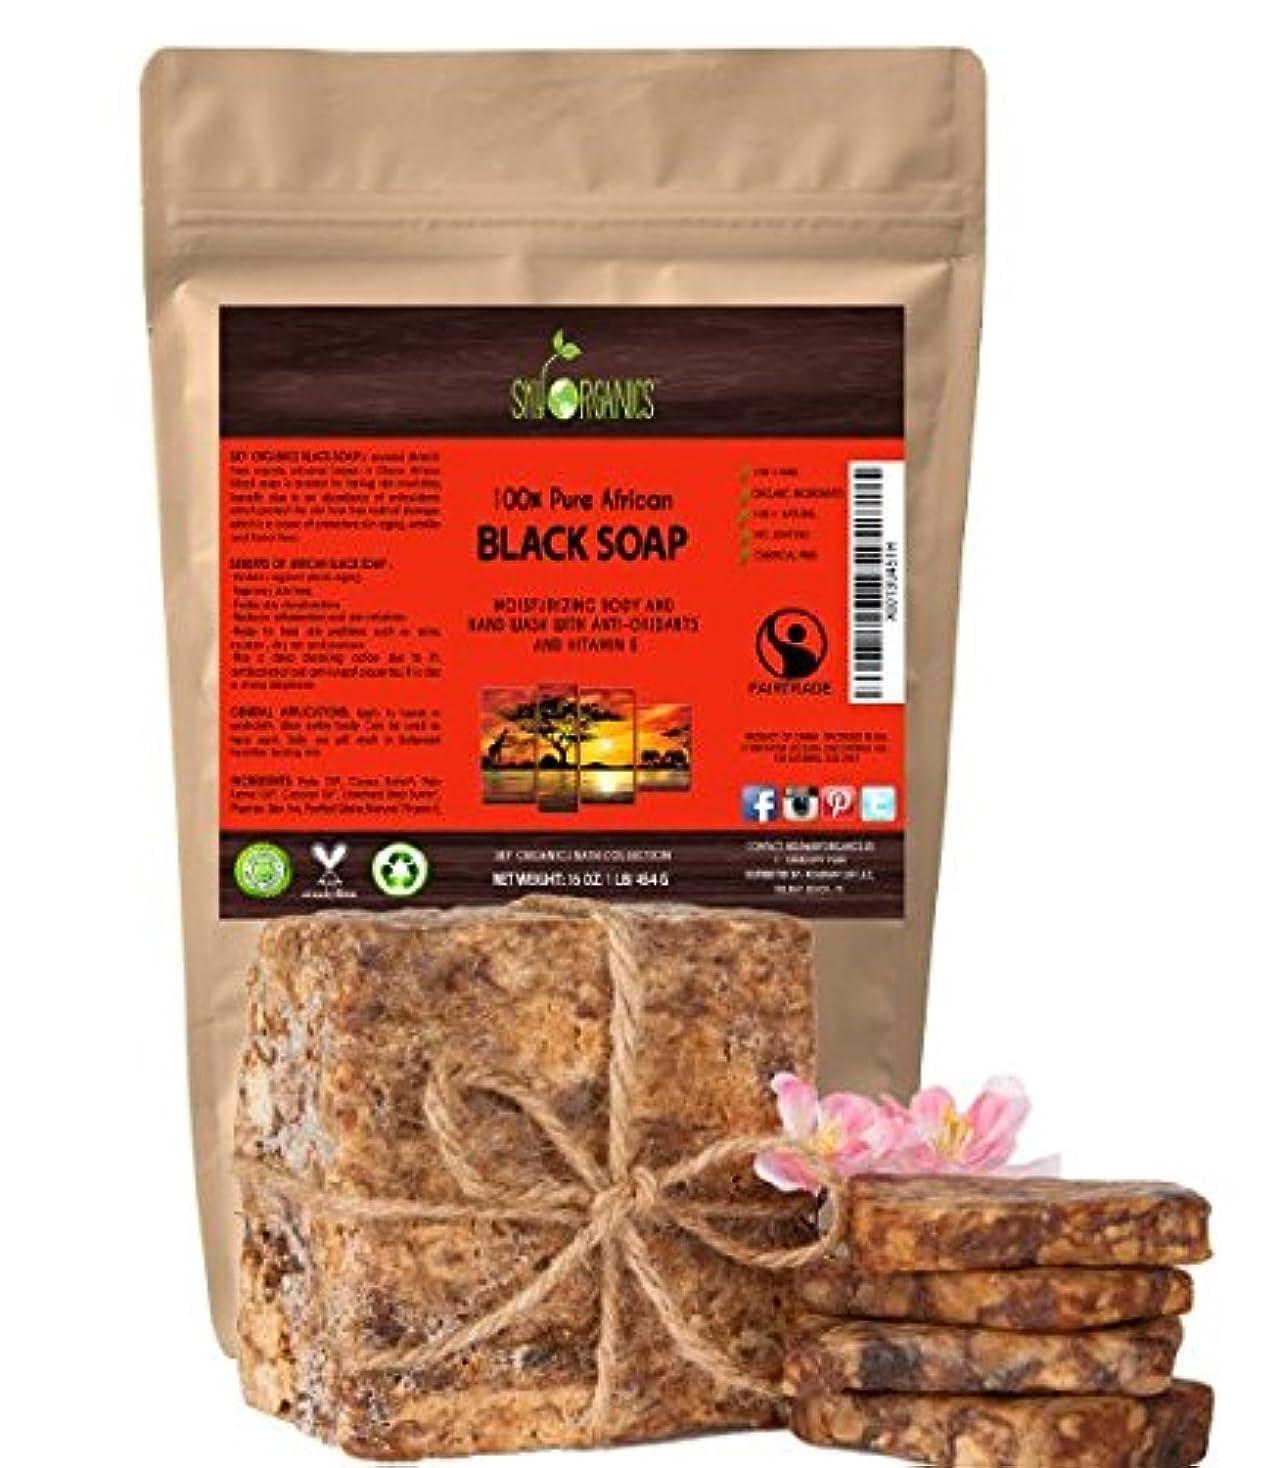 宇宙の法廷所属切って使う オーガニック アフリカン ブラックソープ (約4563gブロック)Organic African Black Soap (16oz block) - Raw Organic Soap Ideal for Acne...